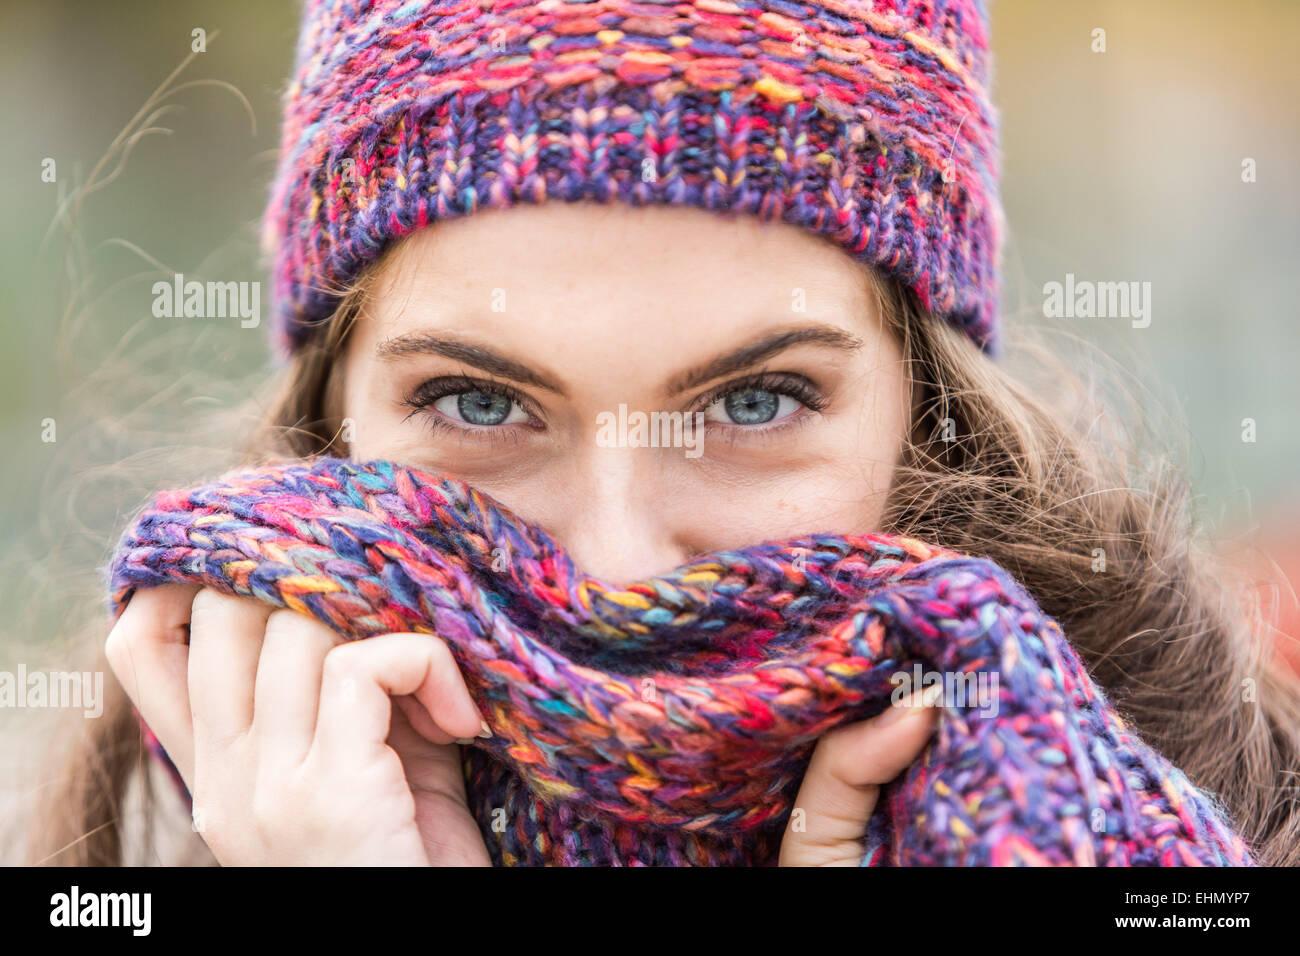 Portrait de femme en hiver. Photo Stock